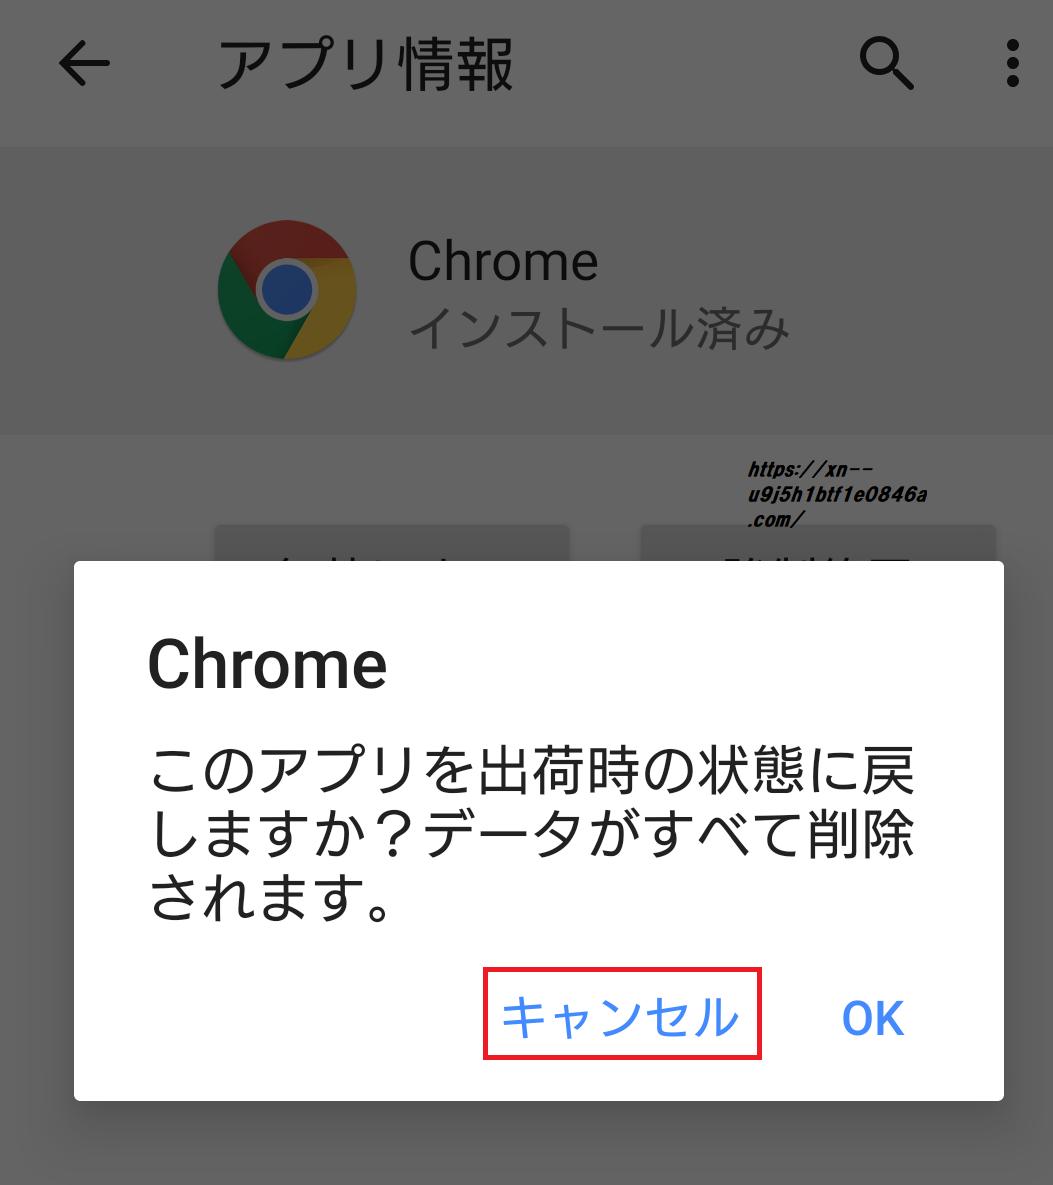 chromeデータの削除キャンセル